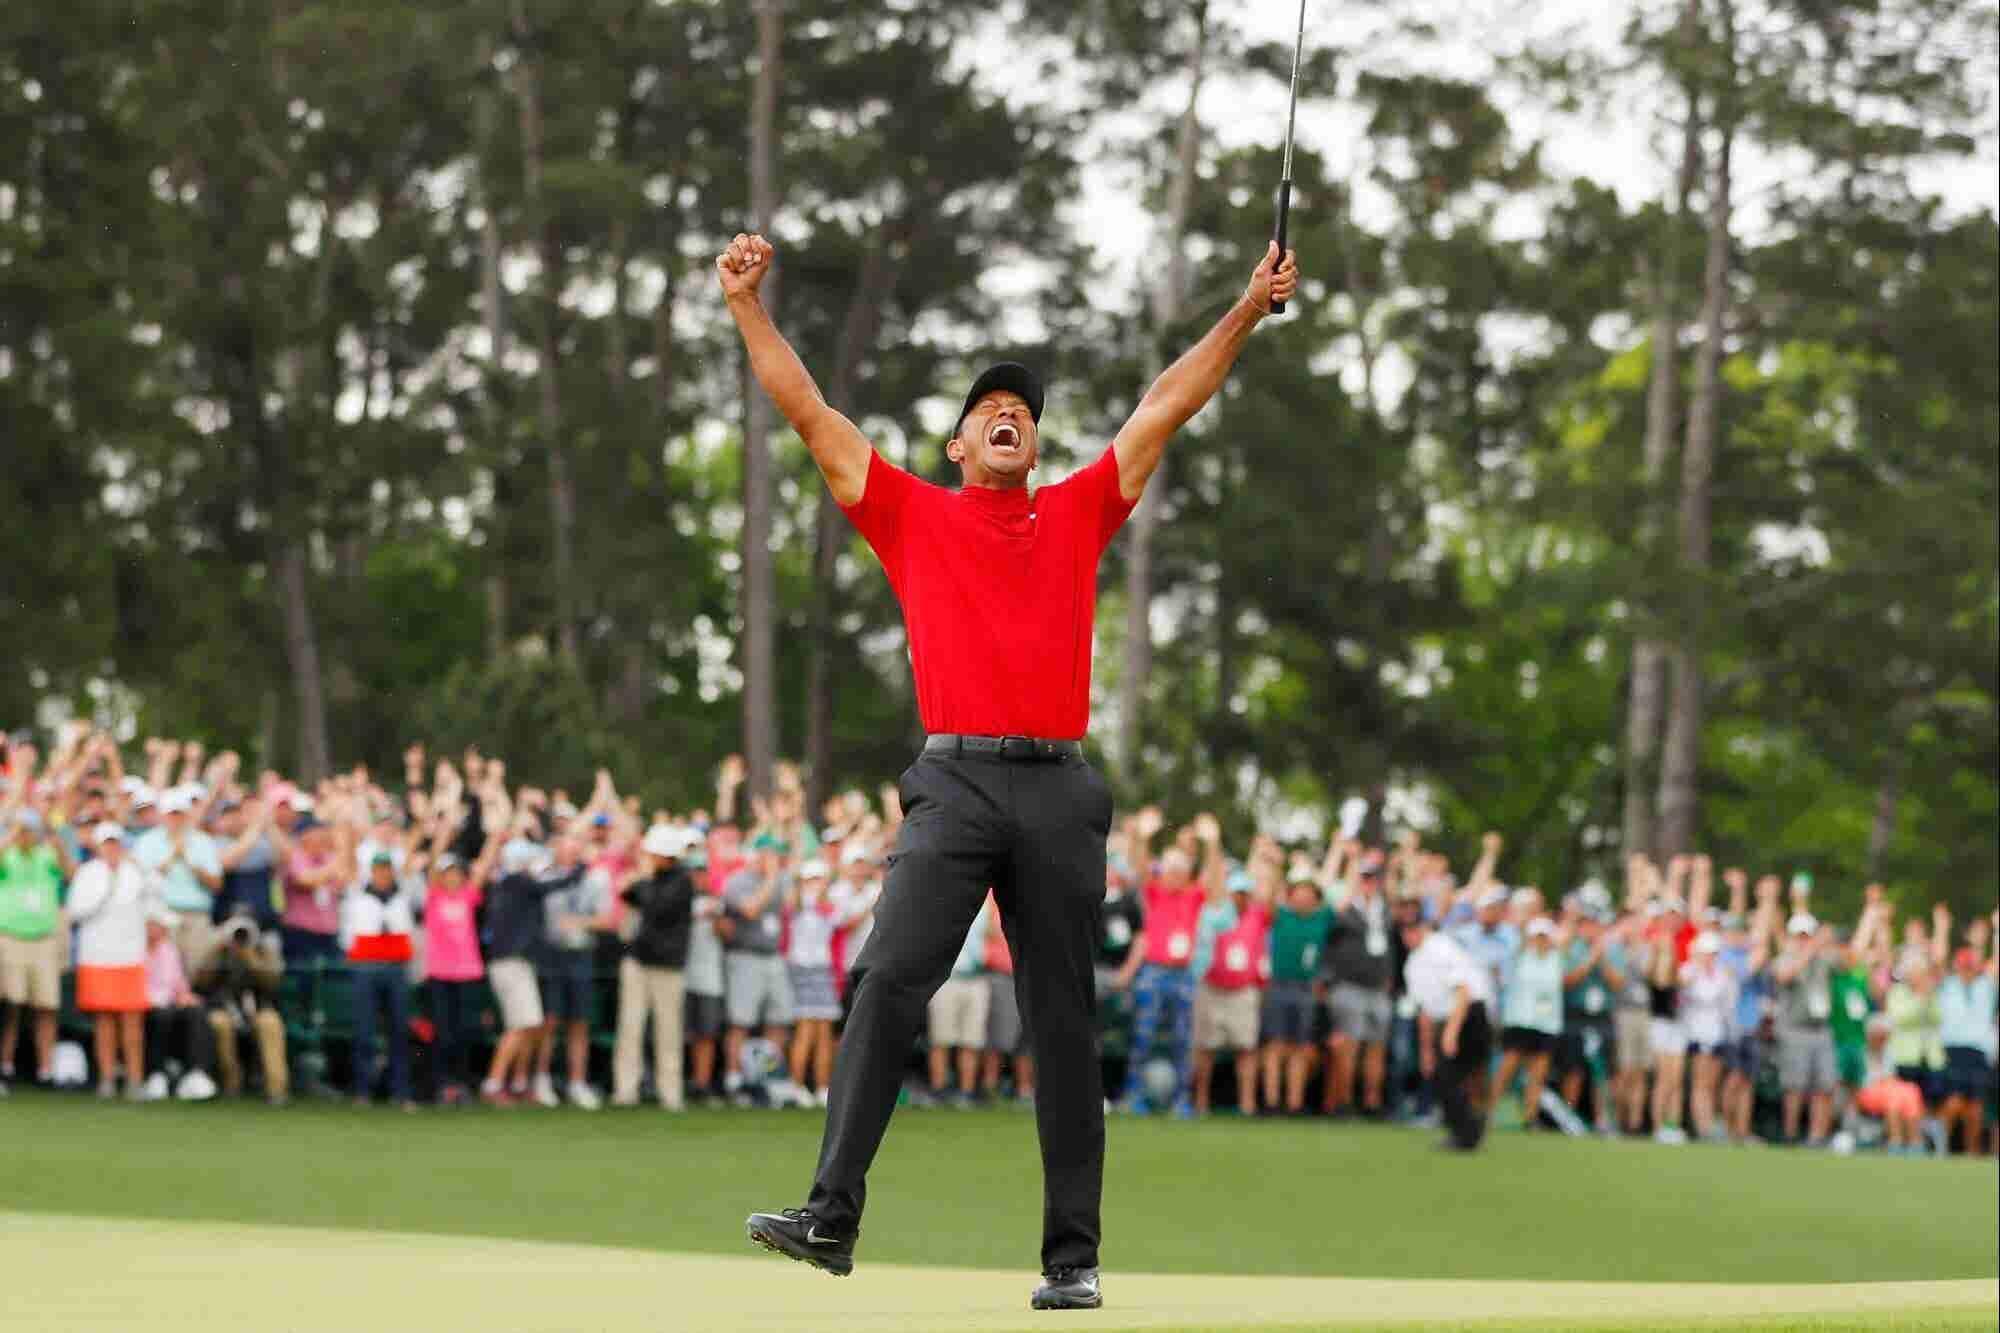 ?Quieres un 'comeback' como el de Tiger Woods? Solo necesitas tener la mentalidad correcta